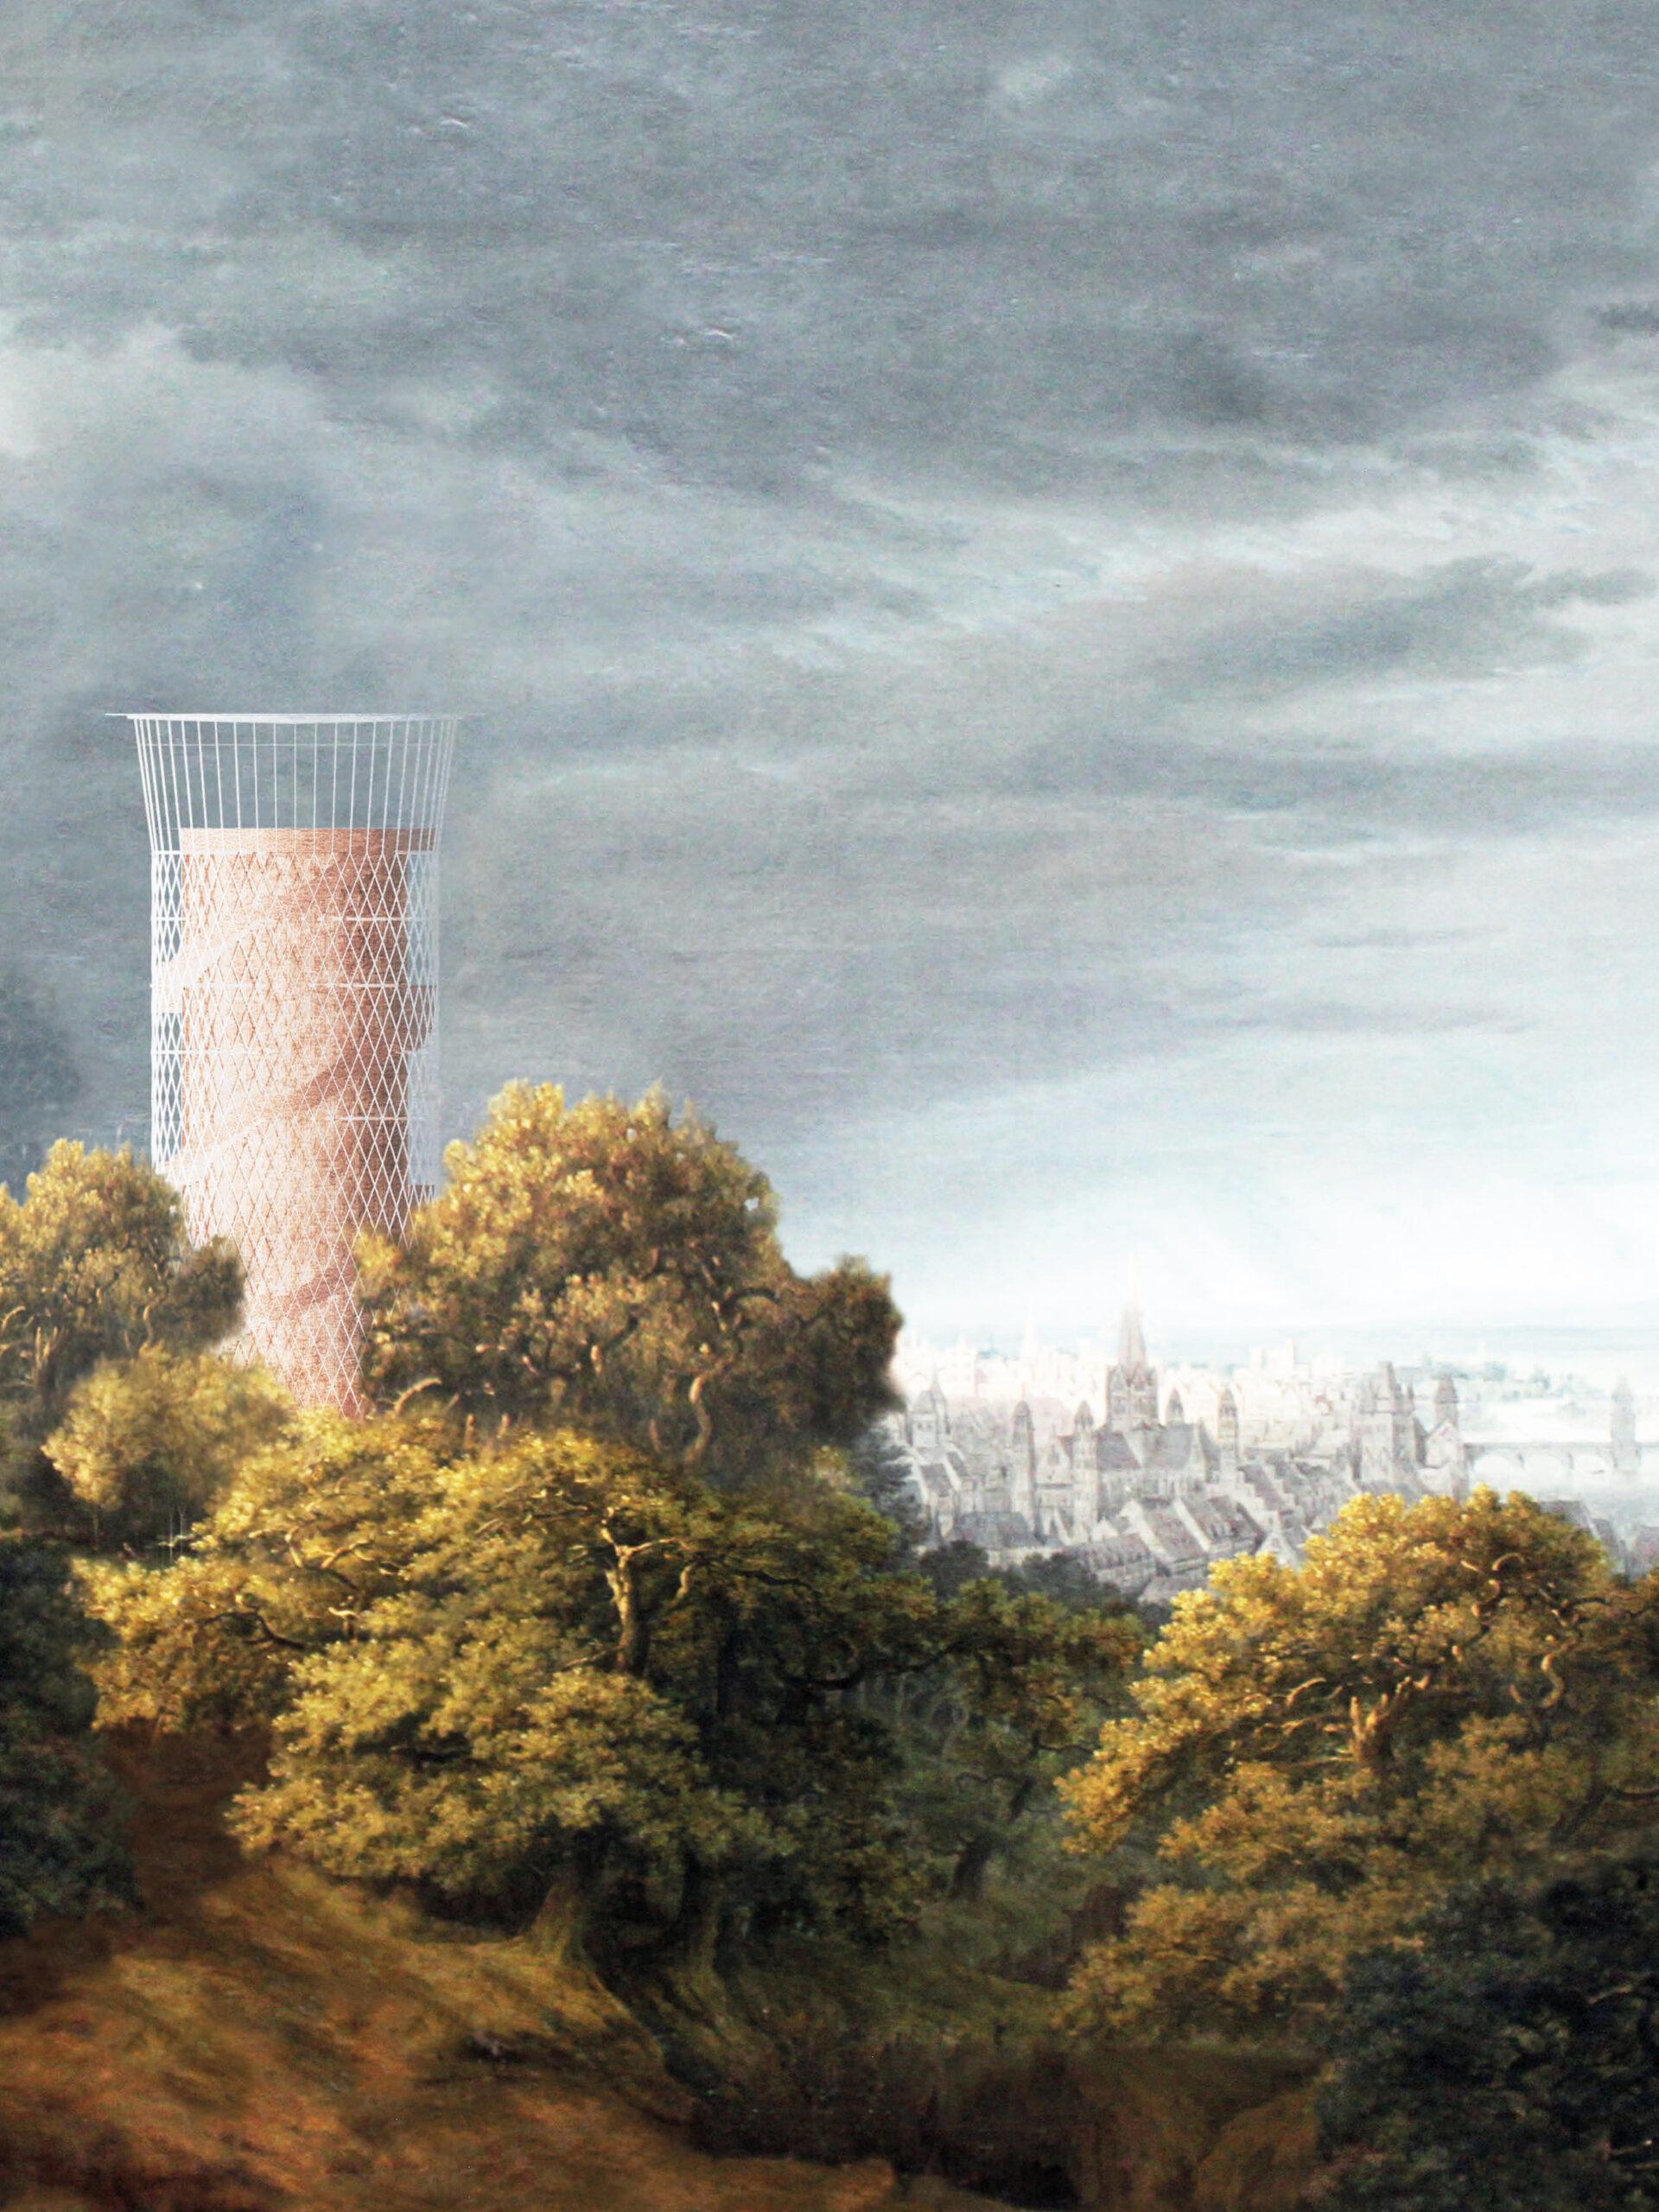 Michael-Becker-Architects-Architekten-Wasserturm-Donauwoerth-Perspektive